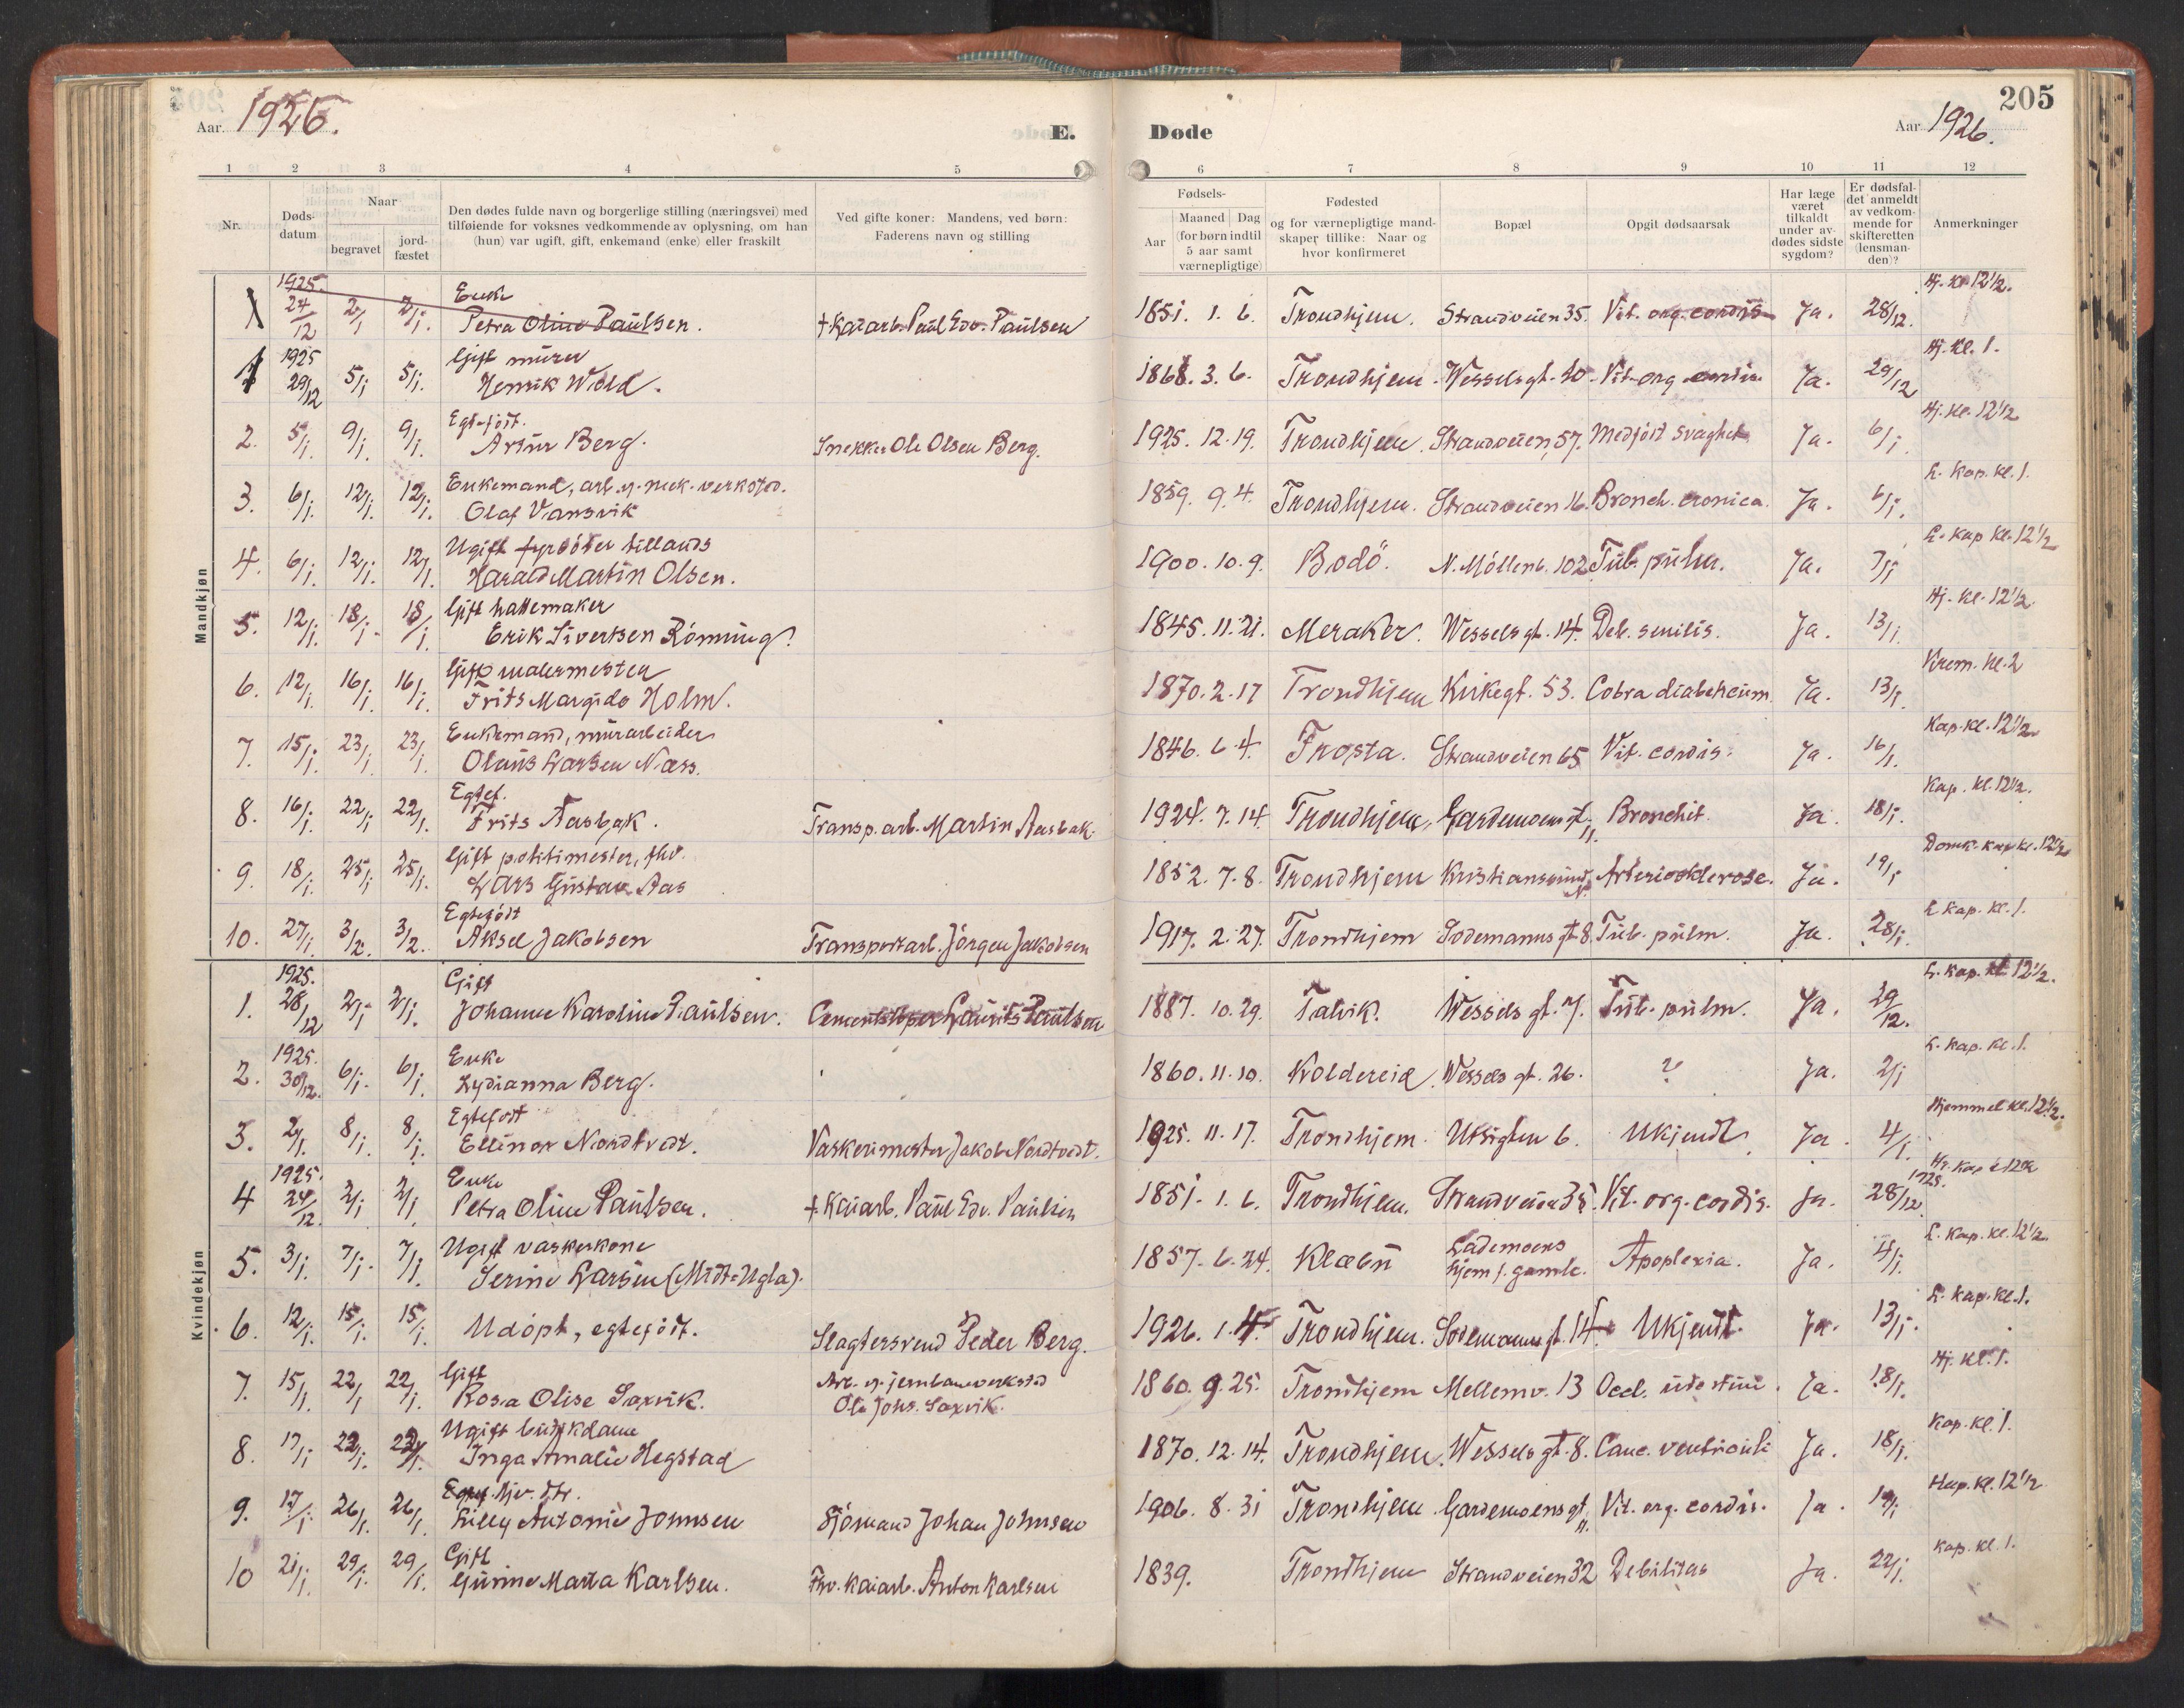 SAT, Ministerialprotokoller, klokkerbøker og fødselsregistre - Sør-Trøndelag, 605/L0245: Ministerialbok nr. 605A07, 1916-1938, s. 205